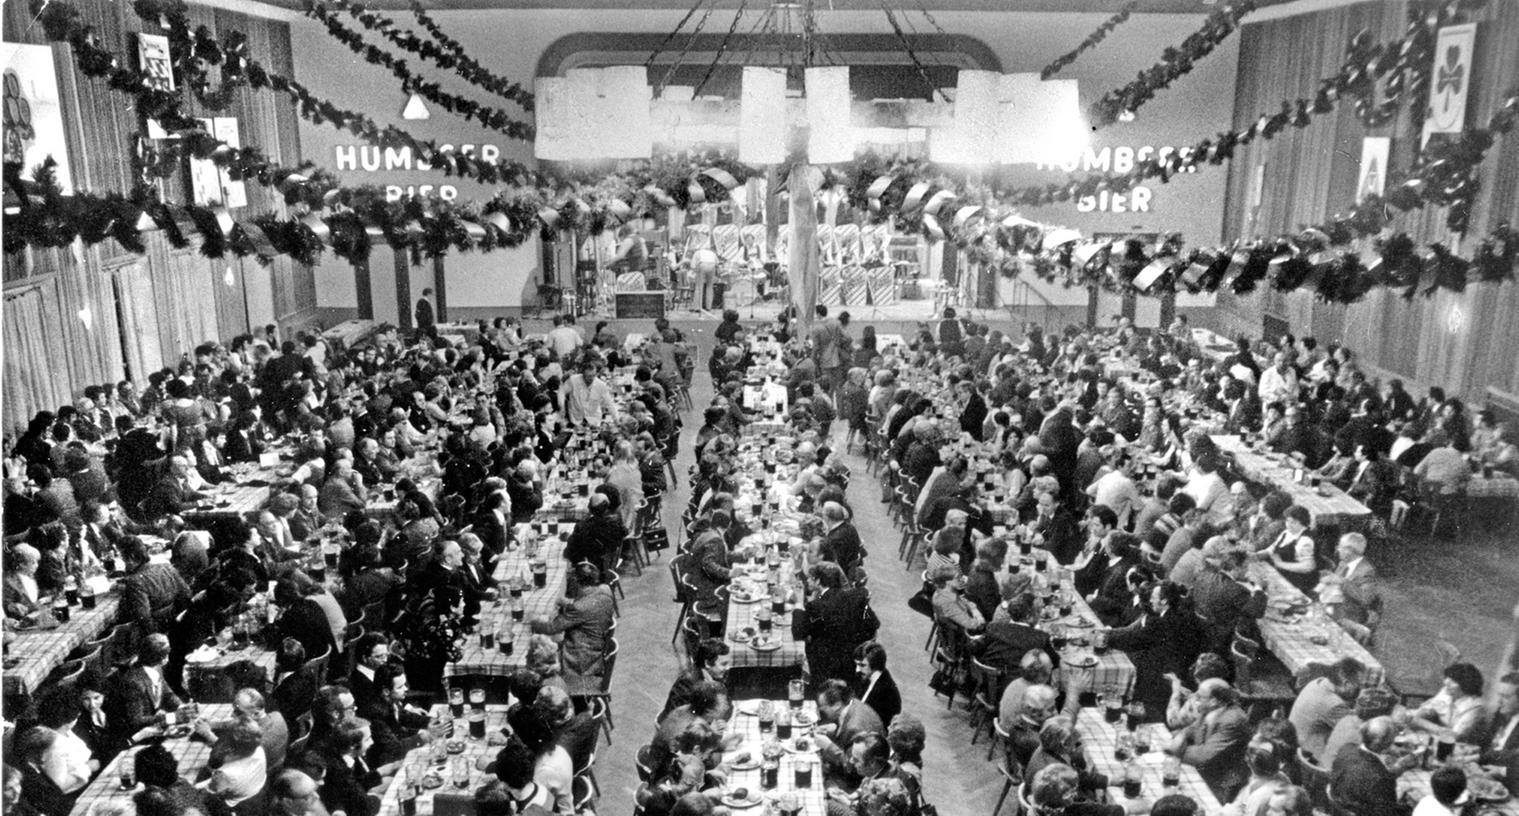 Das Bild zeigt den voll besetzten Geismannsaal bei einem der beliebten Poculator-Feste — doch so oder ähnlich dürfte es auch während der Rundfunkübertragung des Fußballspiels ausgesehen haben.